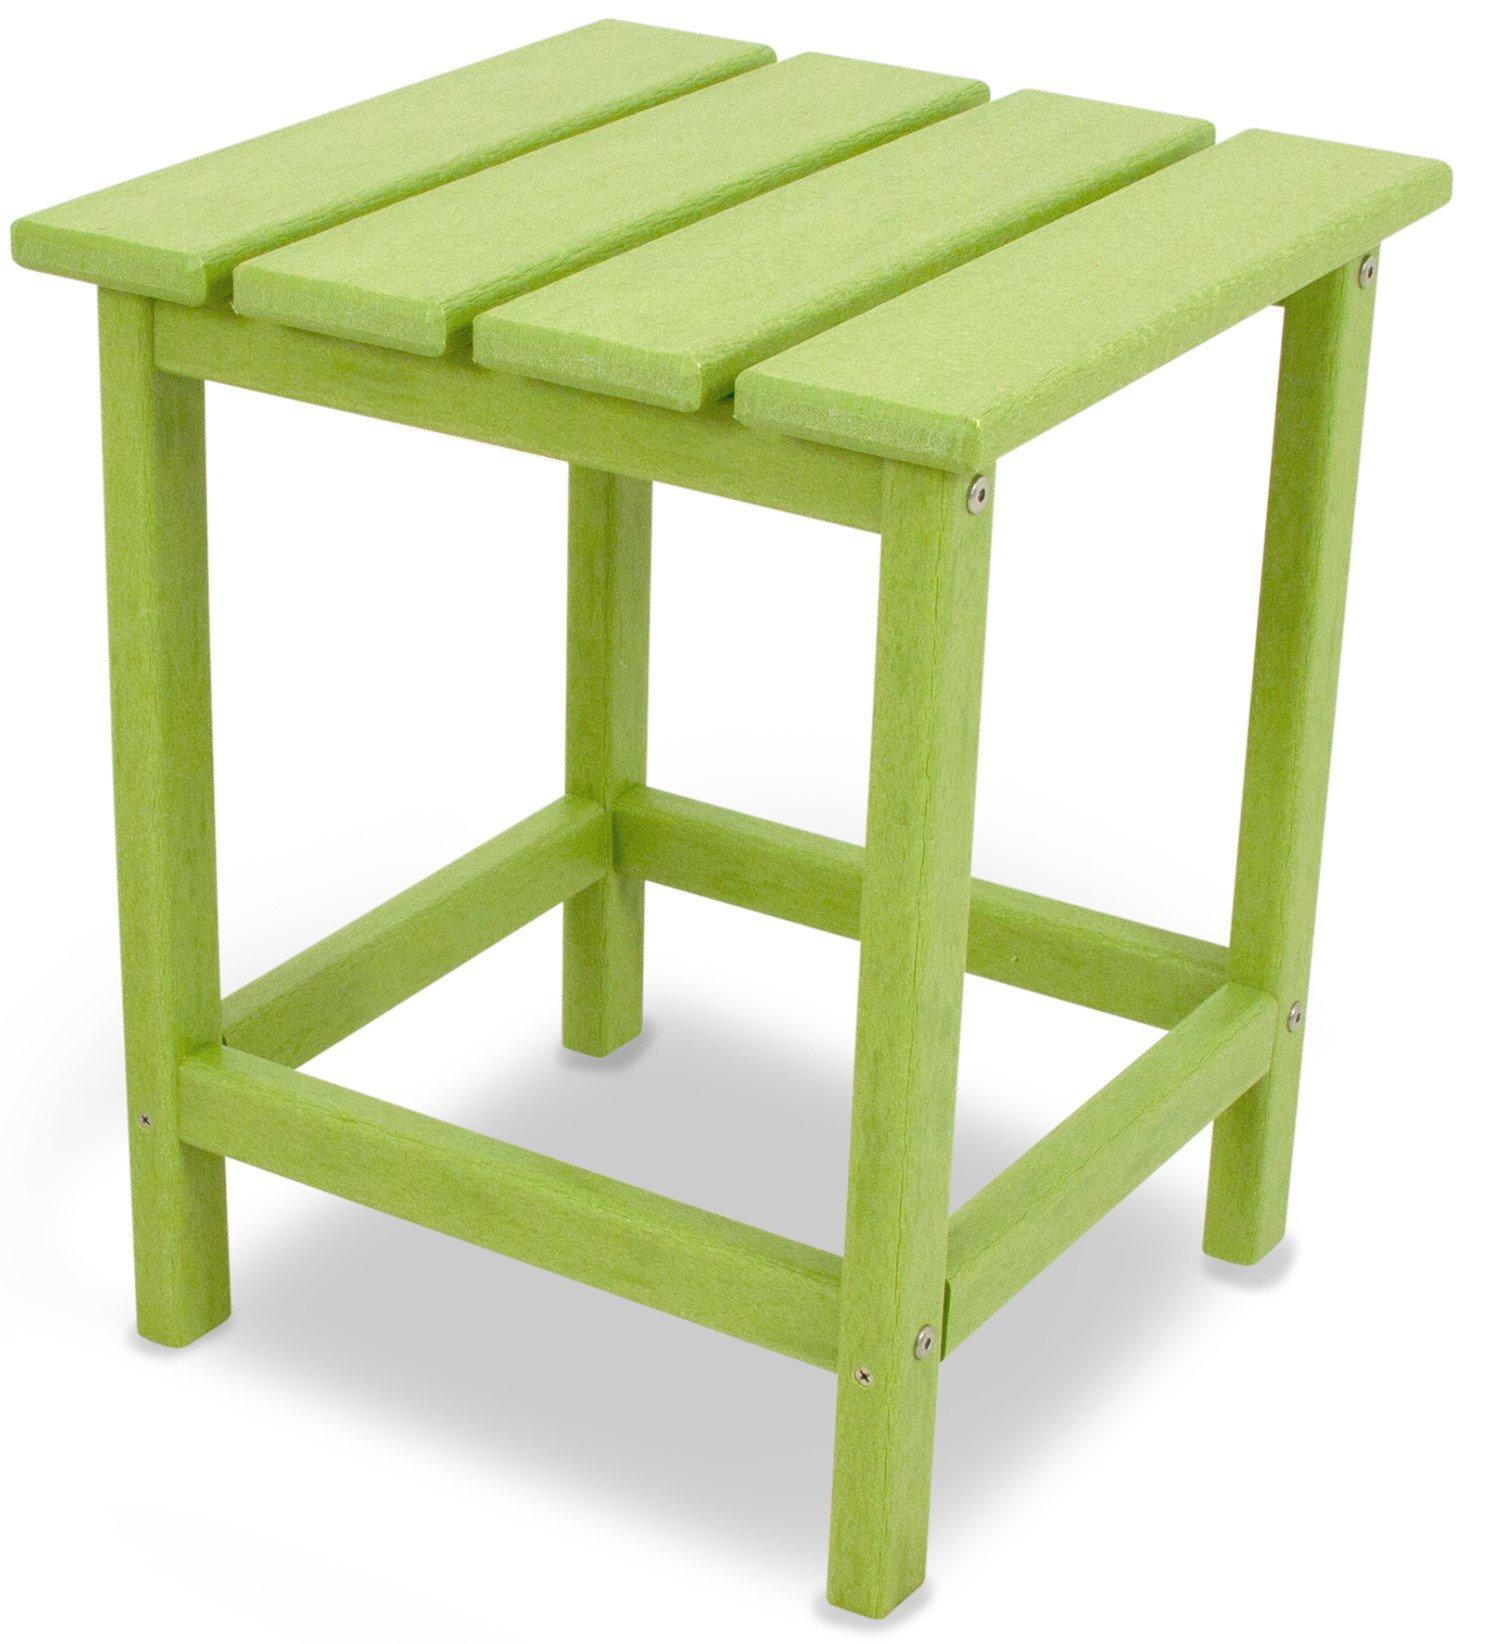 POLYWOOD ECT18LI Long Island 18'' Side Table, Lime